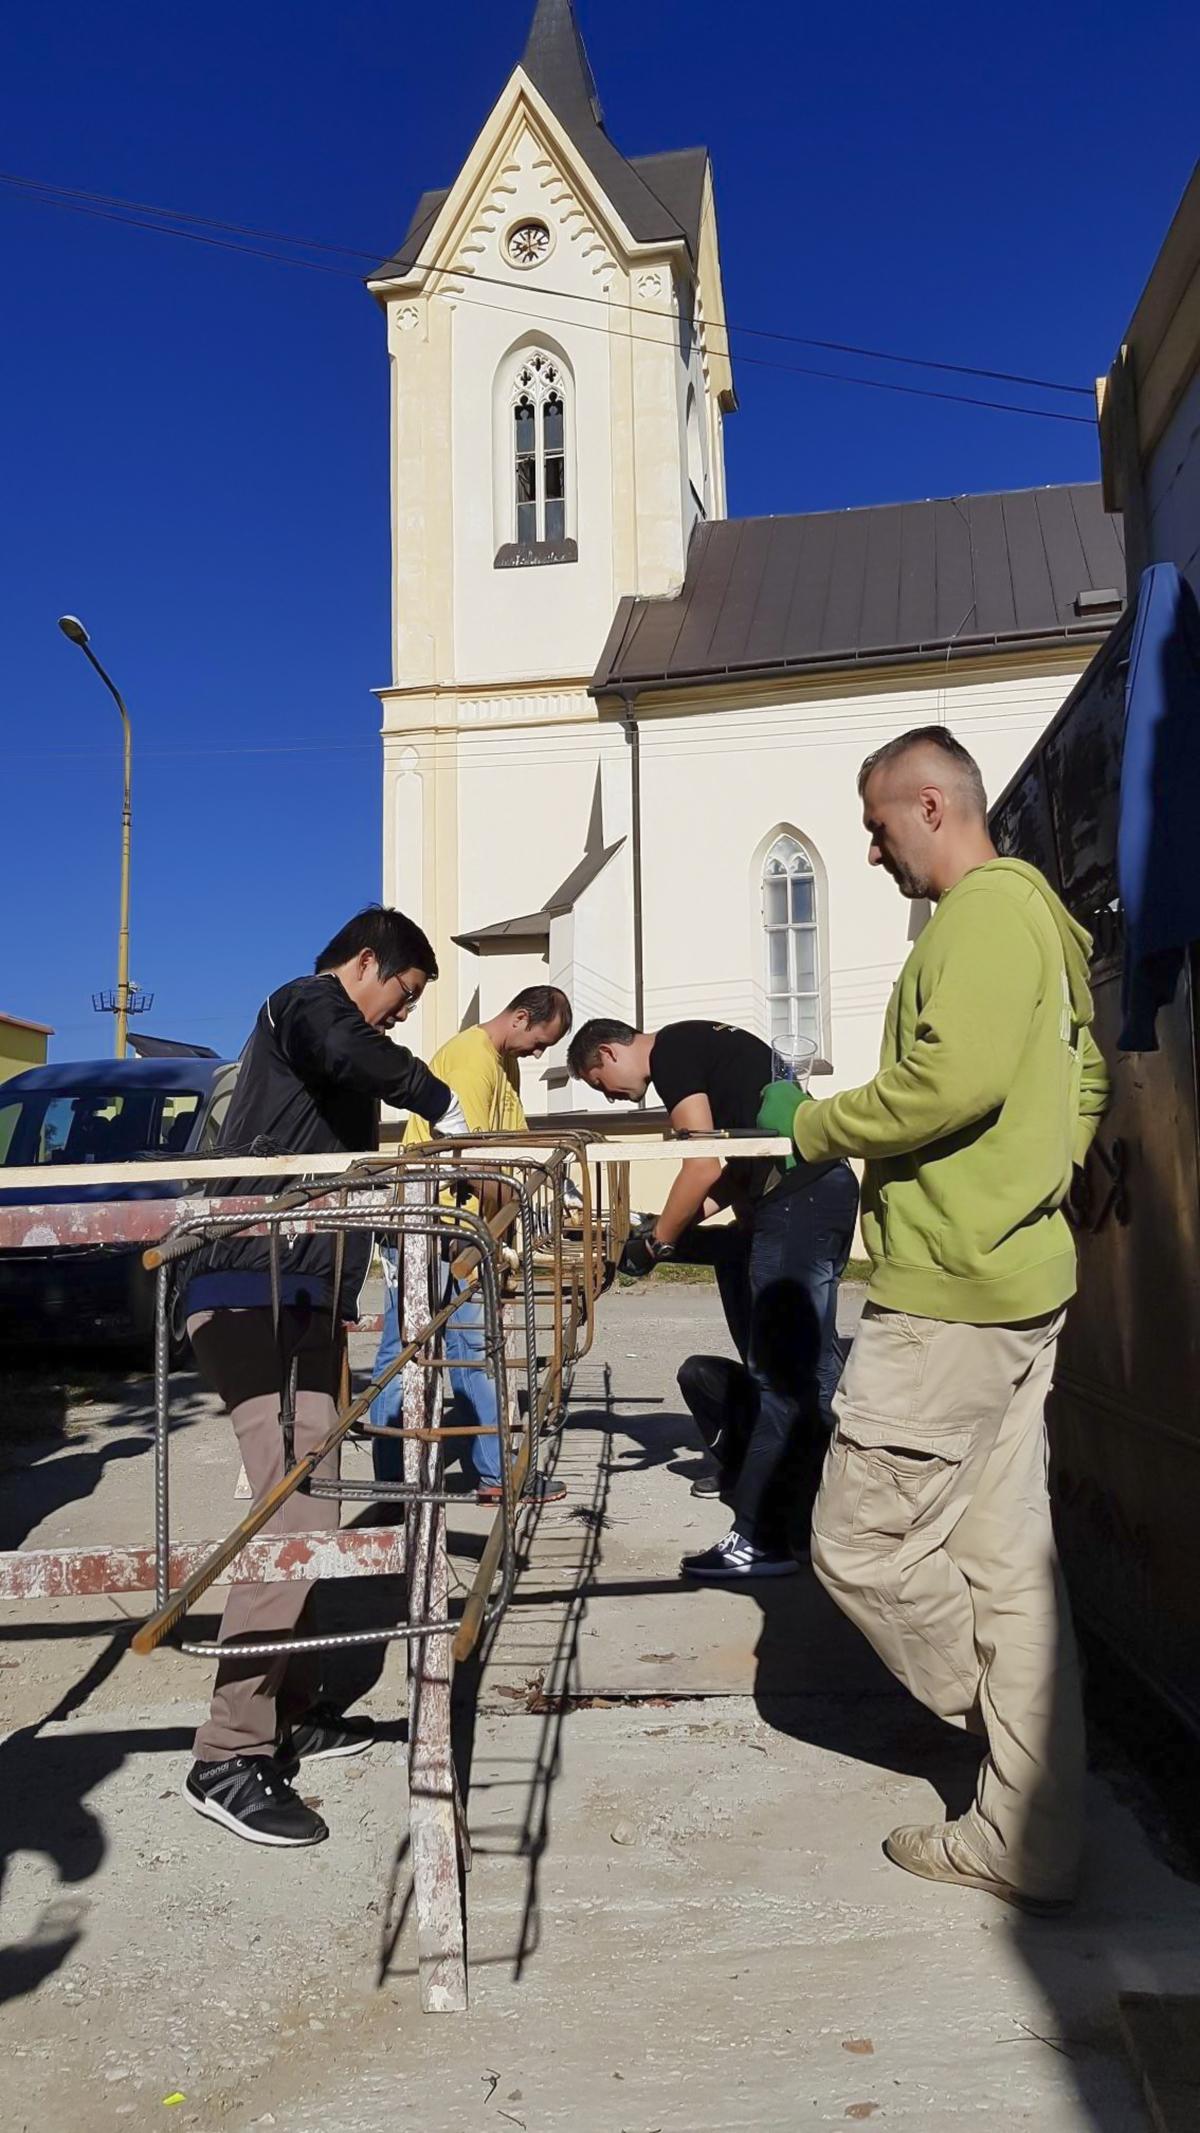 """Người F ở Slovakia biến thành những công nhân xây dựng thực thụ với các thao tác thành thục.Ông Rado Dráb (Quản lý Crisis Center) xúc động: """"Người FPT thật tuyệt vời. Tiến độ hoàn thành nhanh hơn những gì chúng tôi mong đợi. Họ làm việc hết mình. Tôi tin tưởng chắc chắn rằng công trình sẽ được hoàn thành sớm""""."""